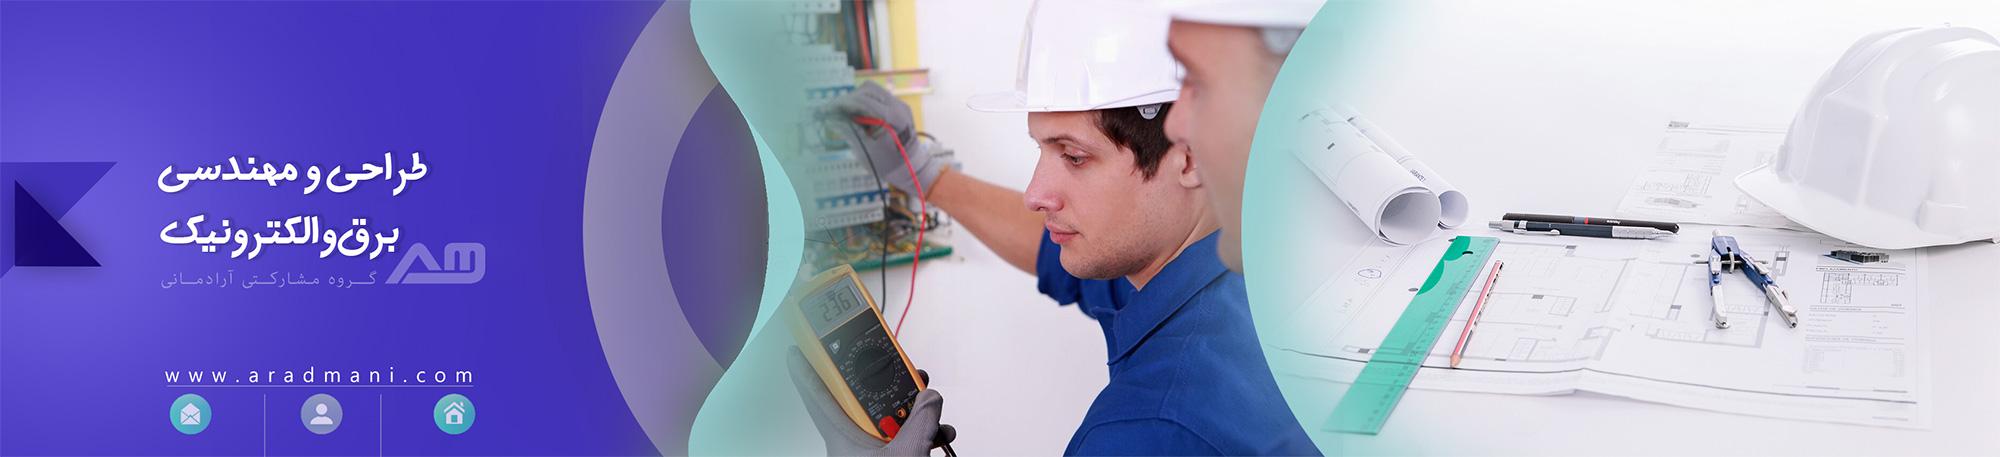 مهندس برق